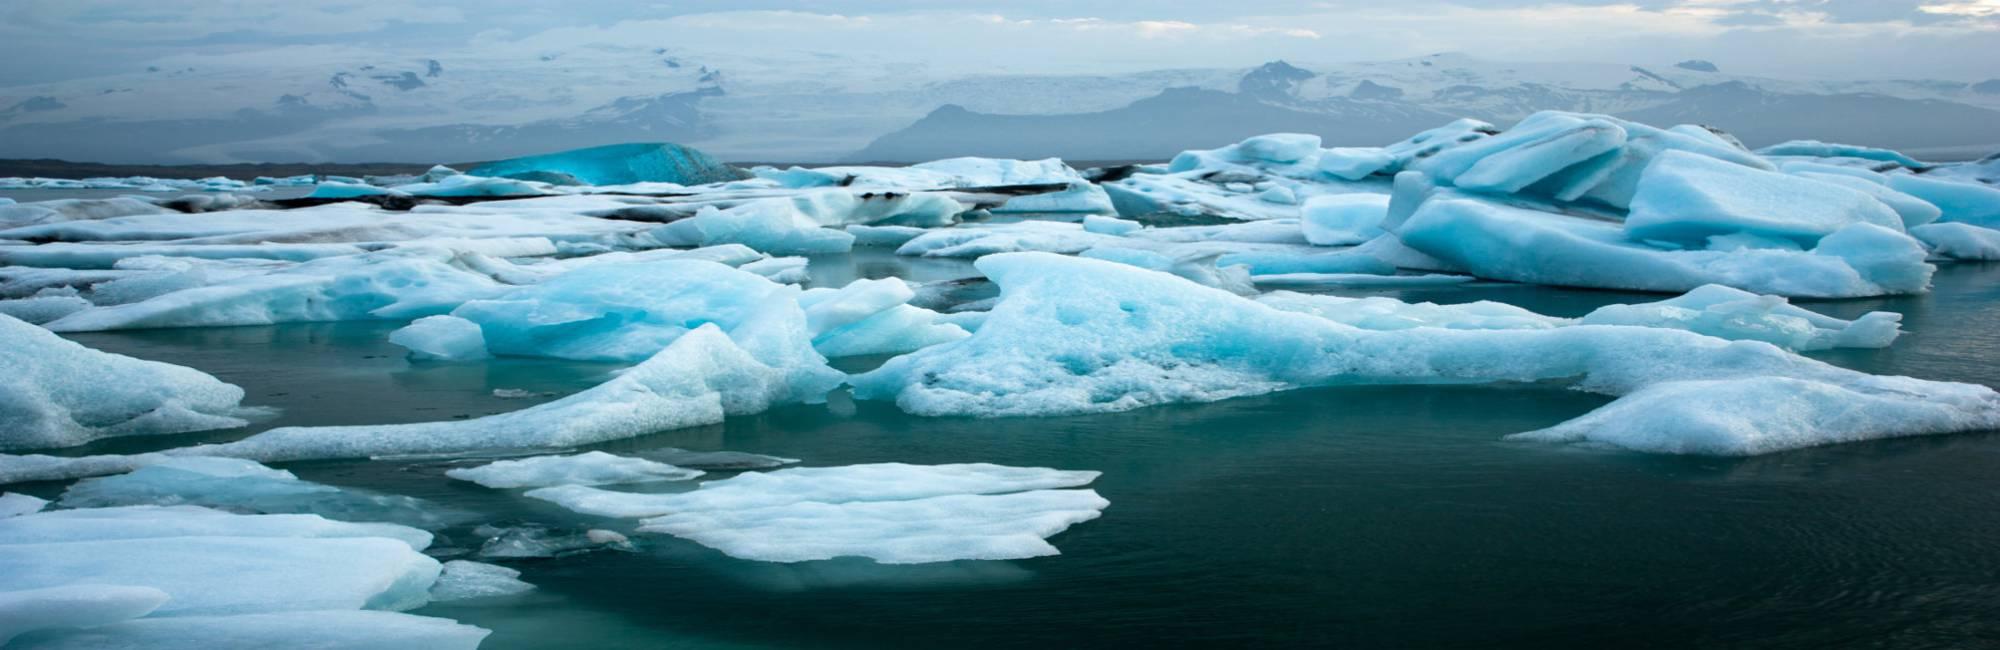 sea of glaciers